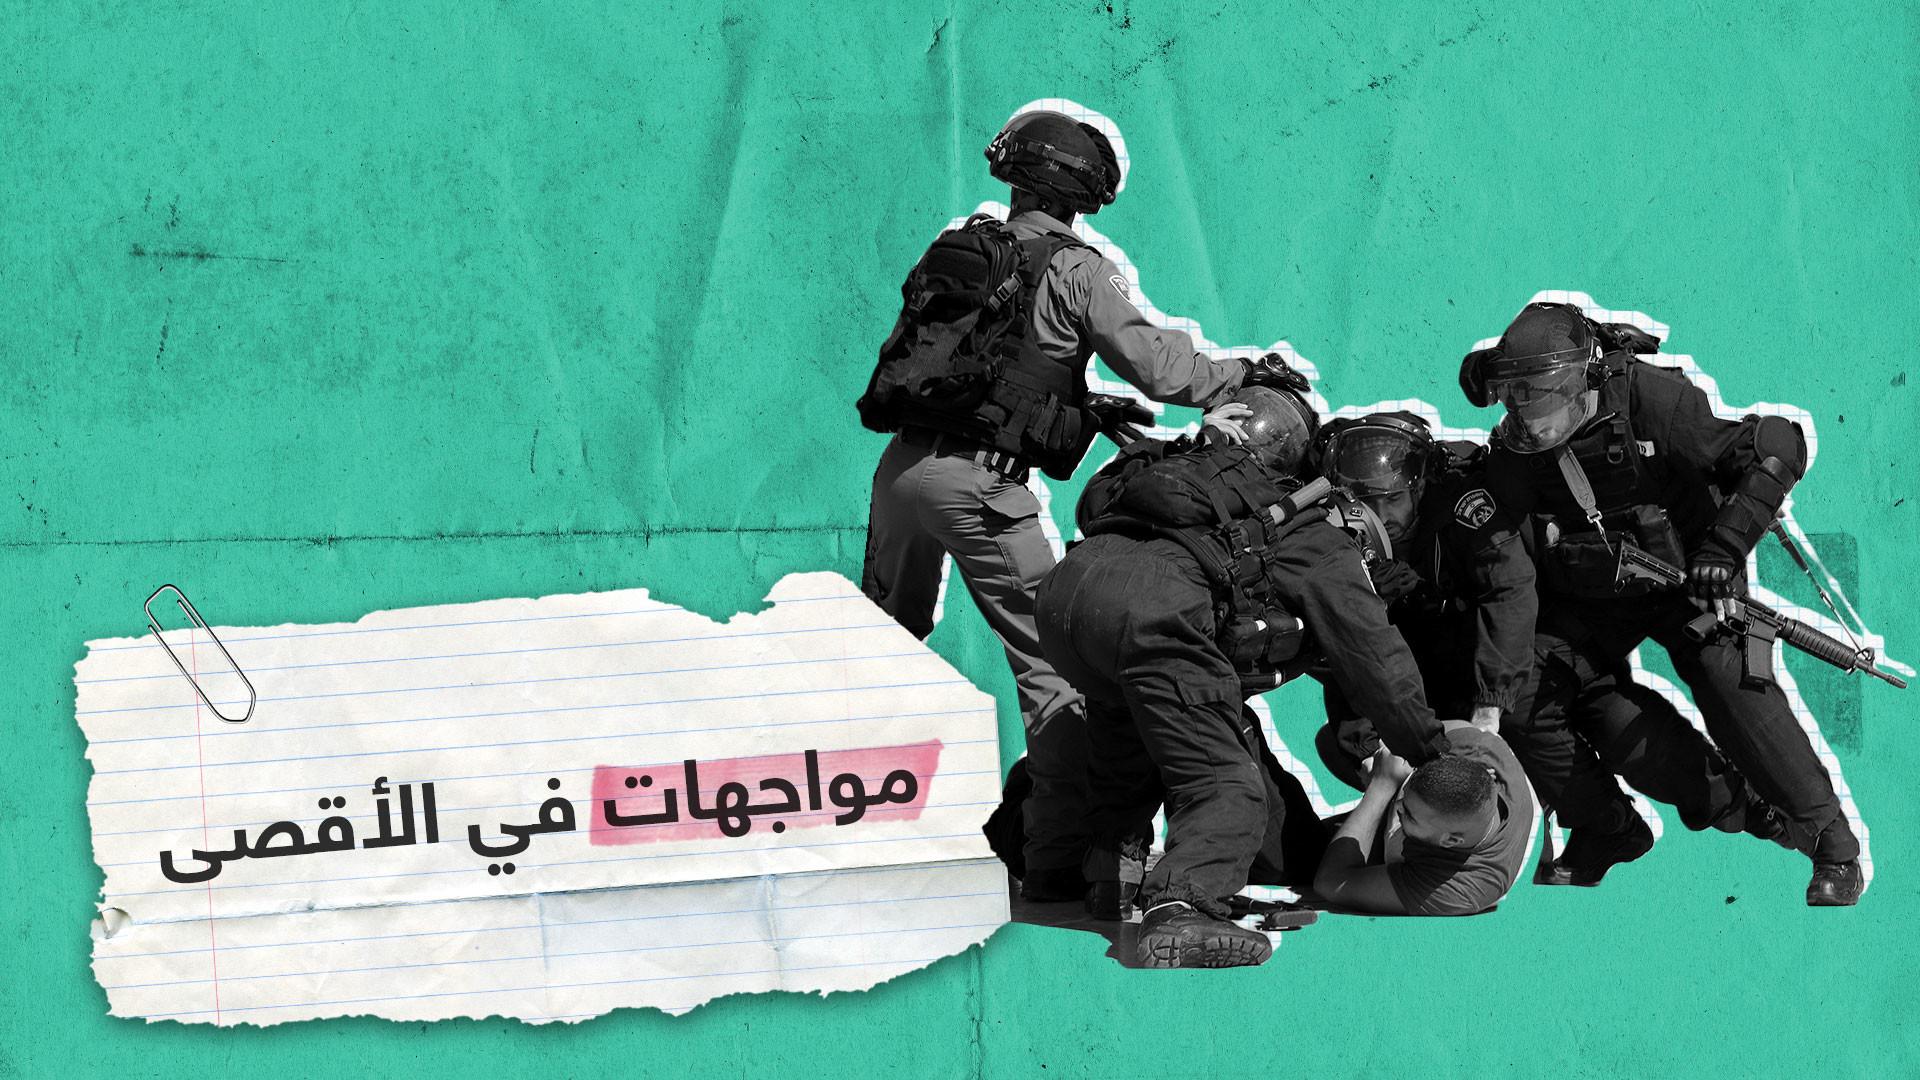 فيدو لاقتحام القوات الإٍسرائيلية باحات المسجد الأقصى  يوم العيد